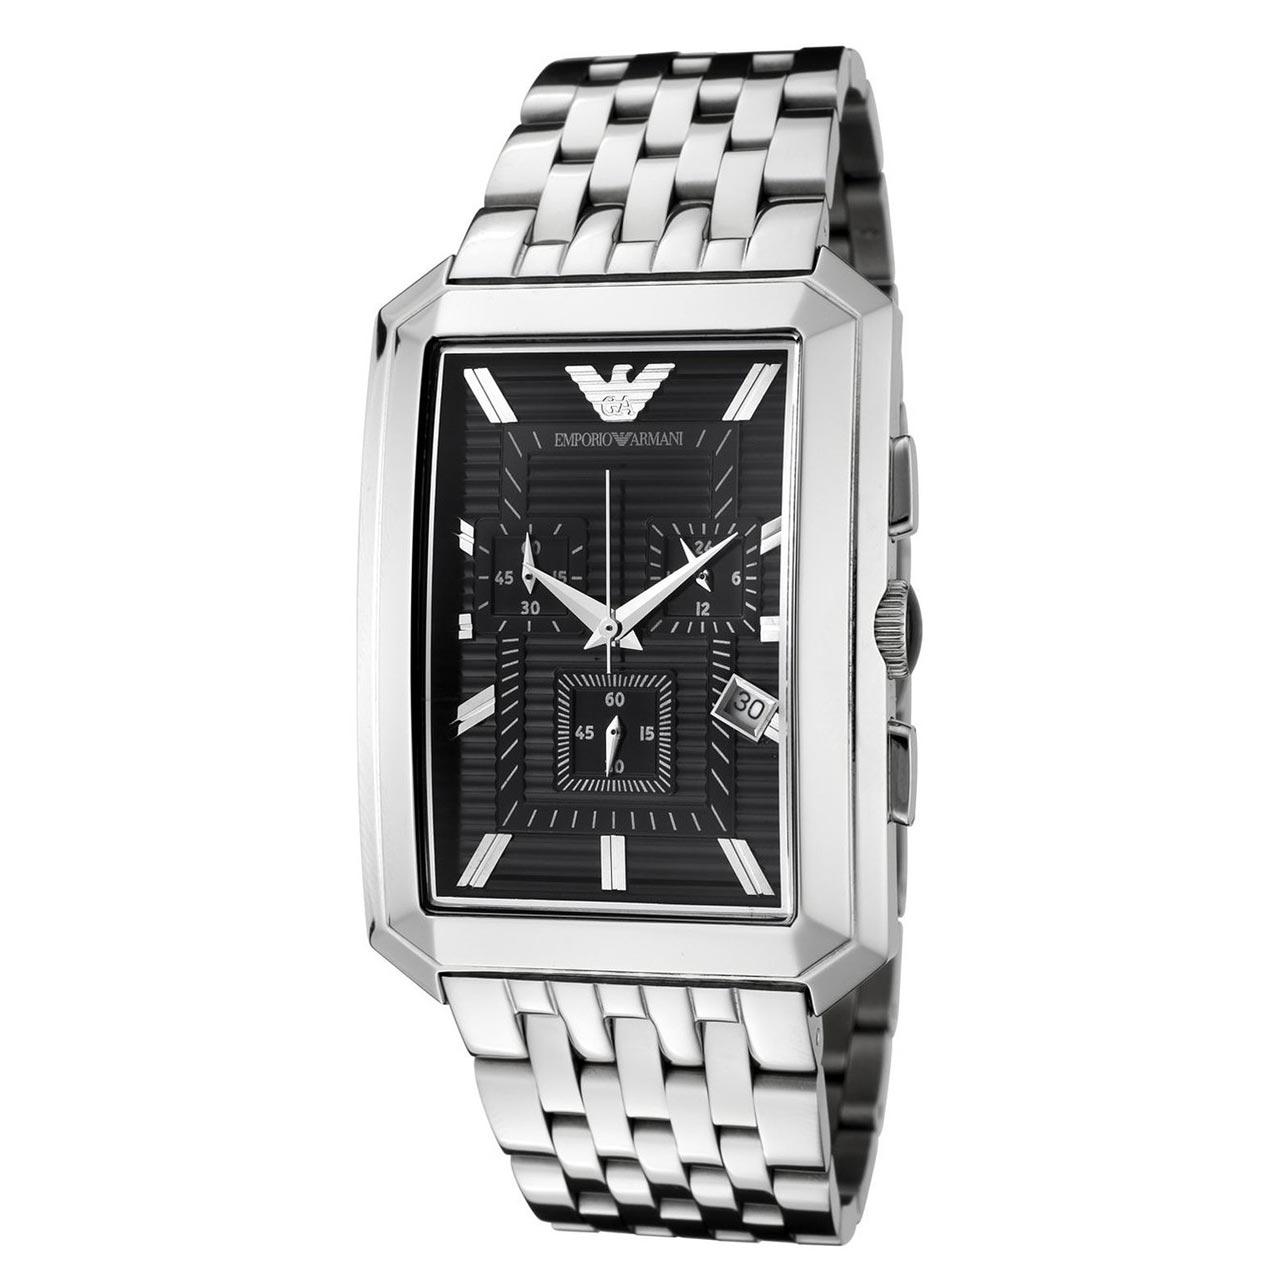 ساعت مچی عقربه ای مردانه امپریو آرمانی مدل AR0474